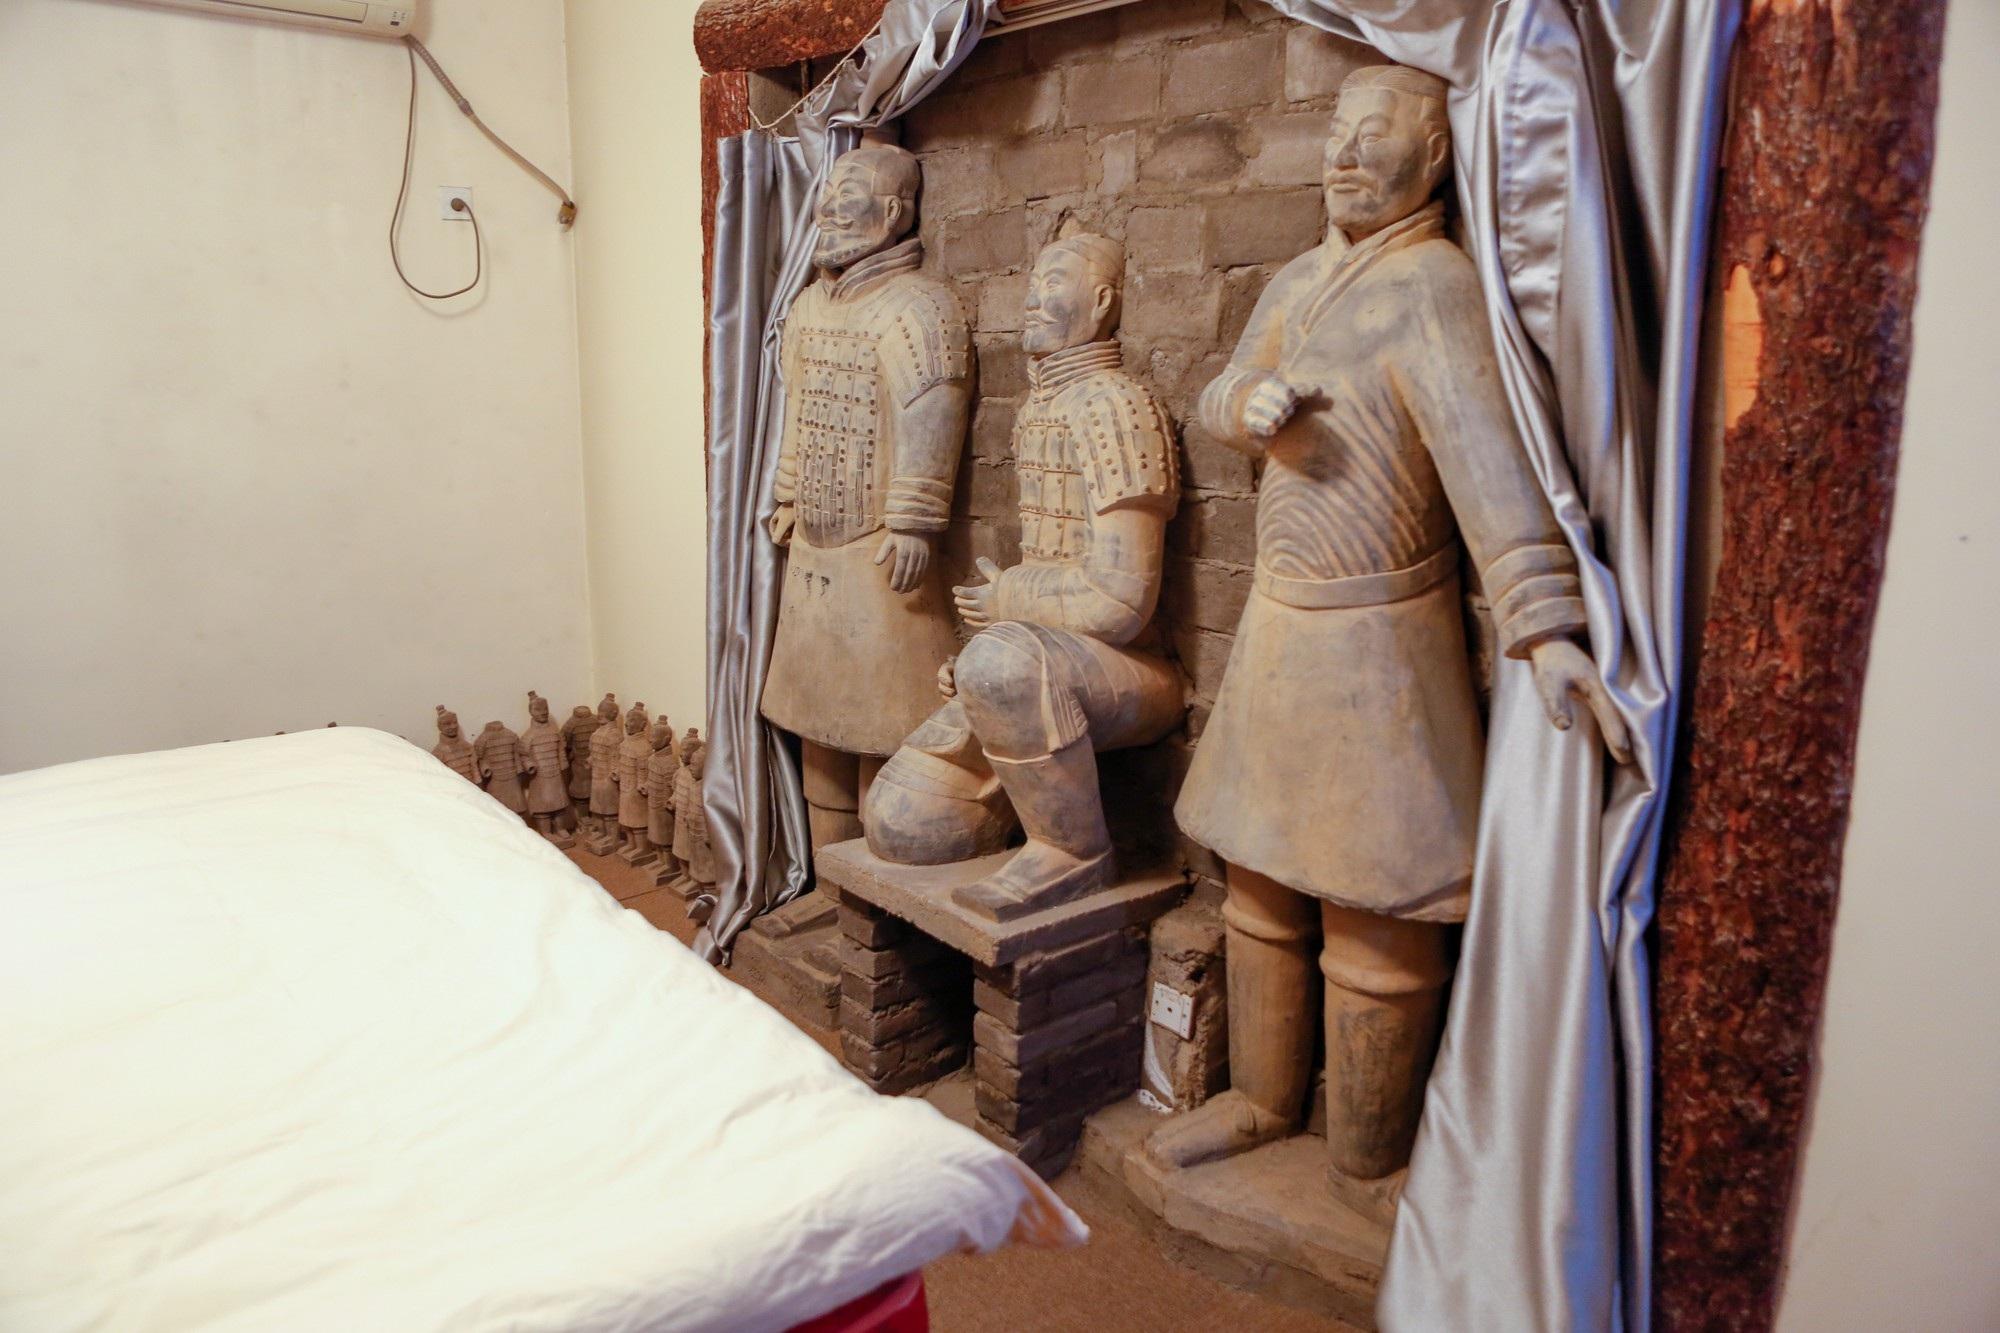 Trải nghiệm cảm giác ngủ cùng đội quân hộ tống Tần Thủy Hoàng - Ảnh 2.